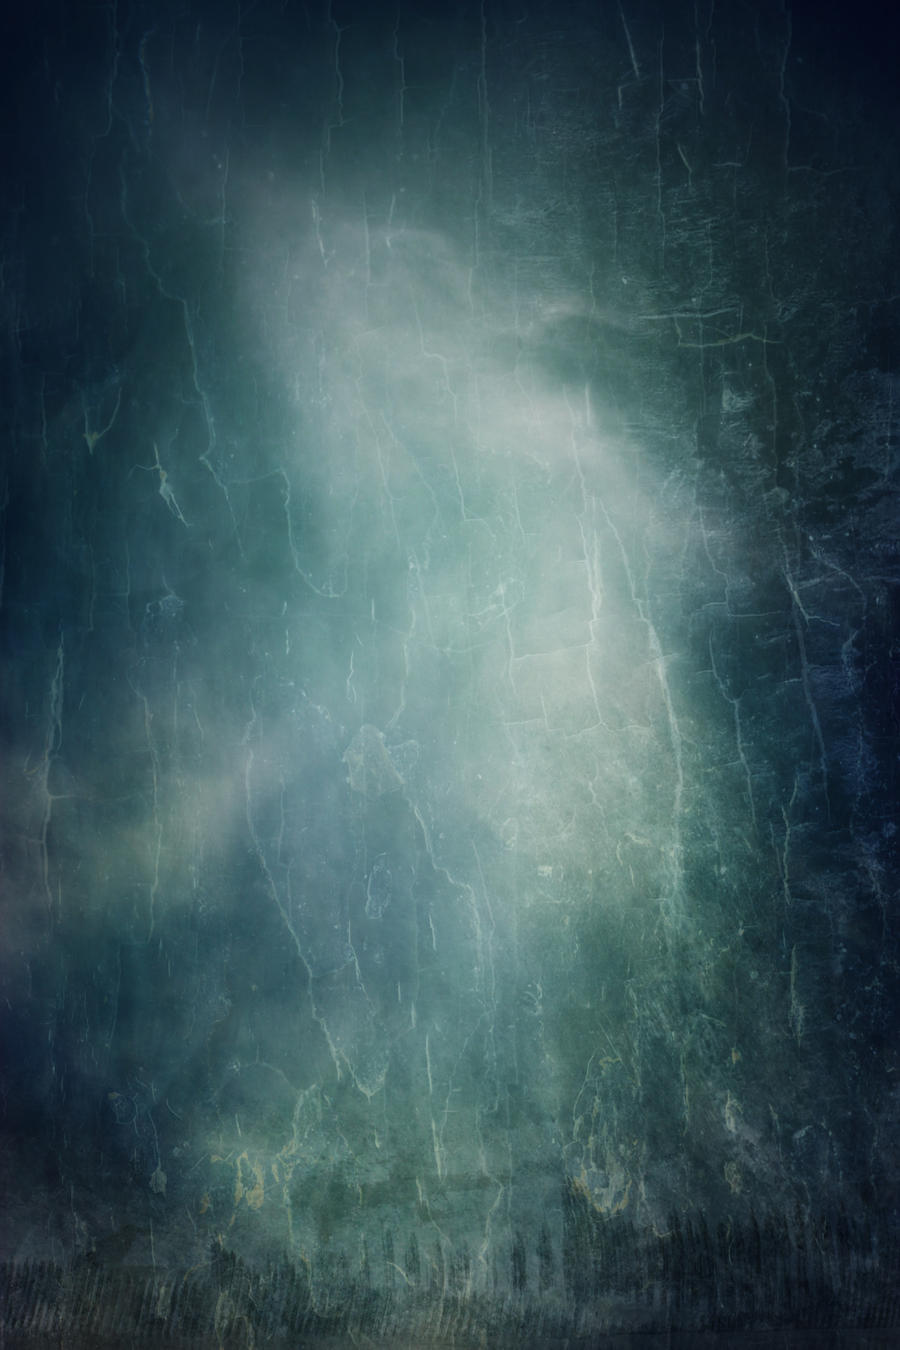 Texture 367 by Sirius-sdz